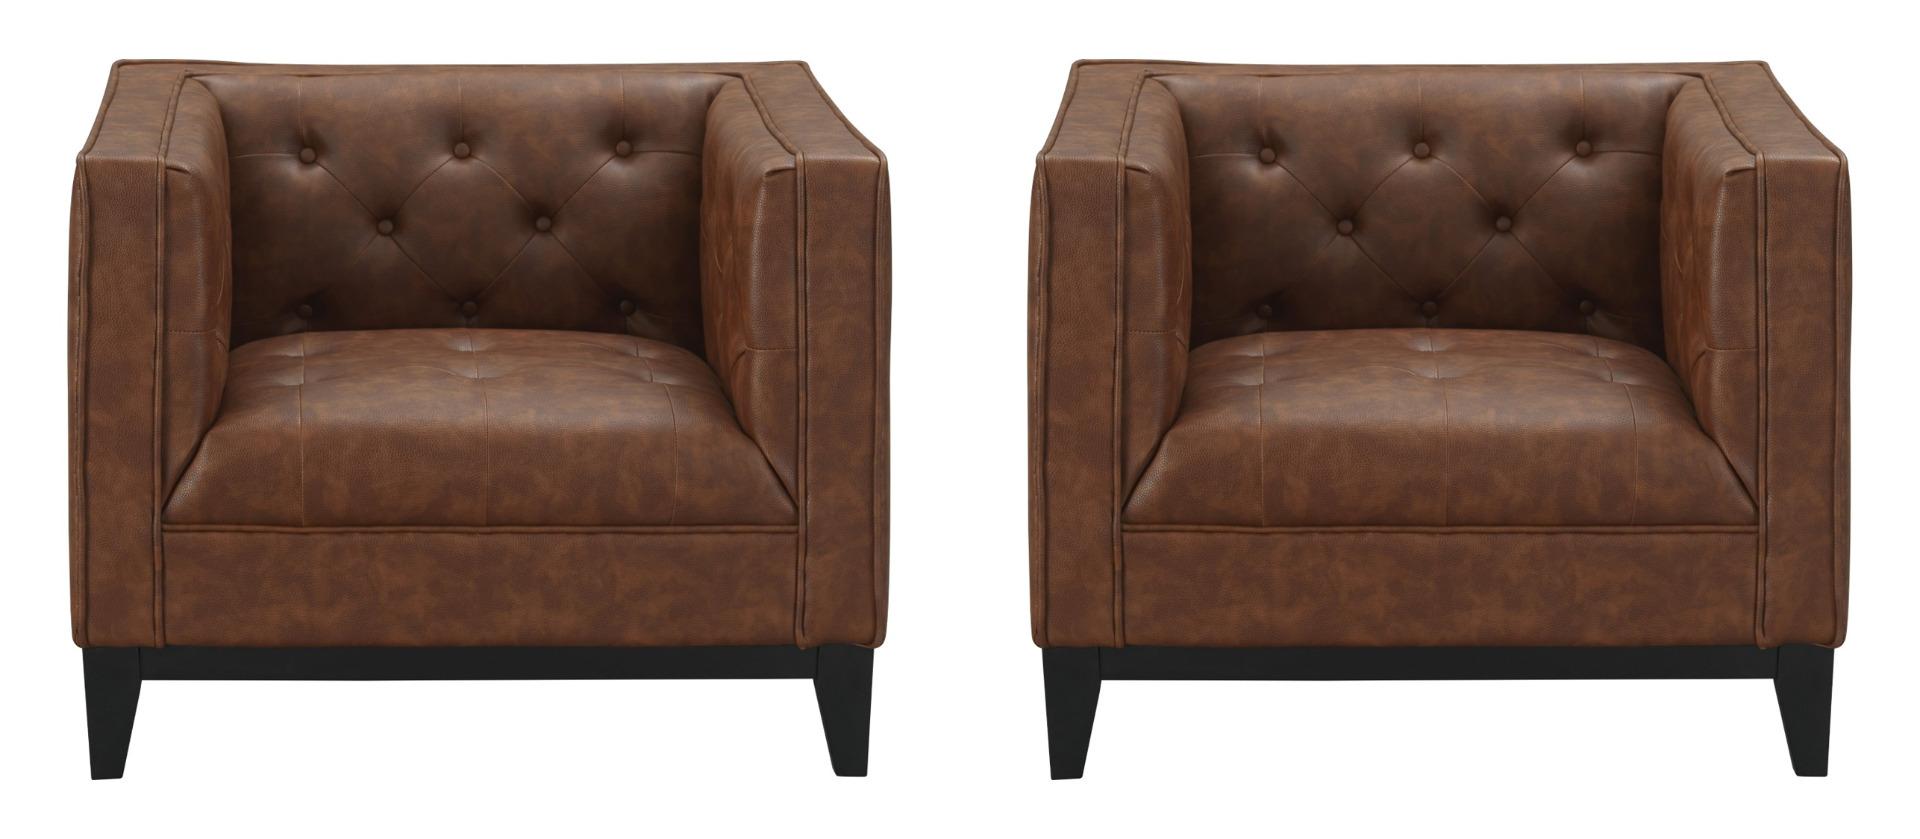 Cadman Armchair - Set of 2